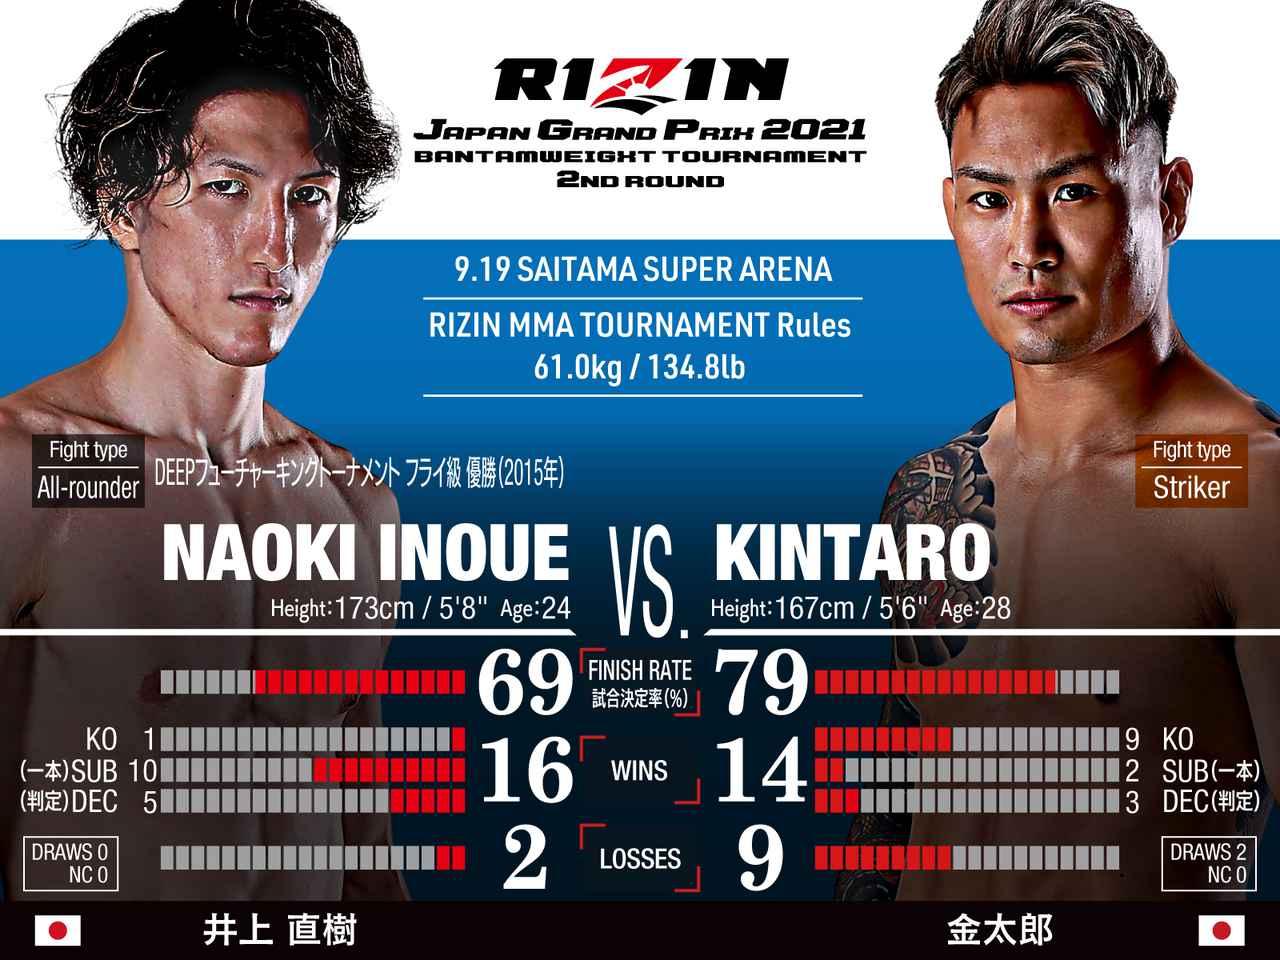 画像: 第9試合 バンタム級トーナメント 2回戦/井上直樹 vs. 金太郎